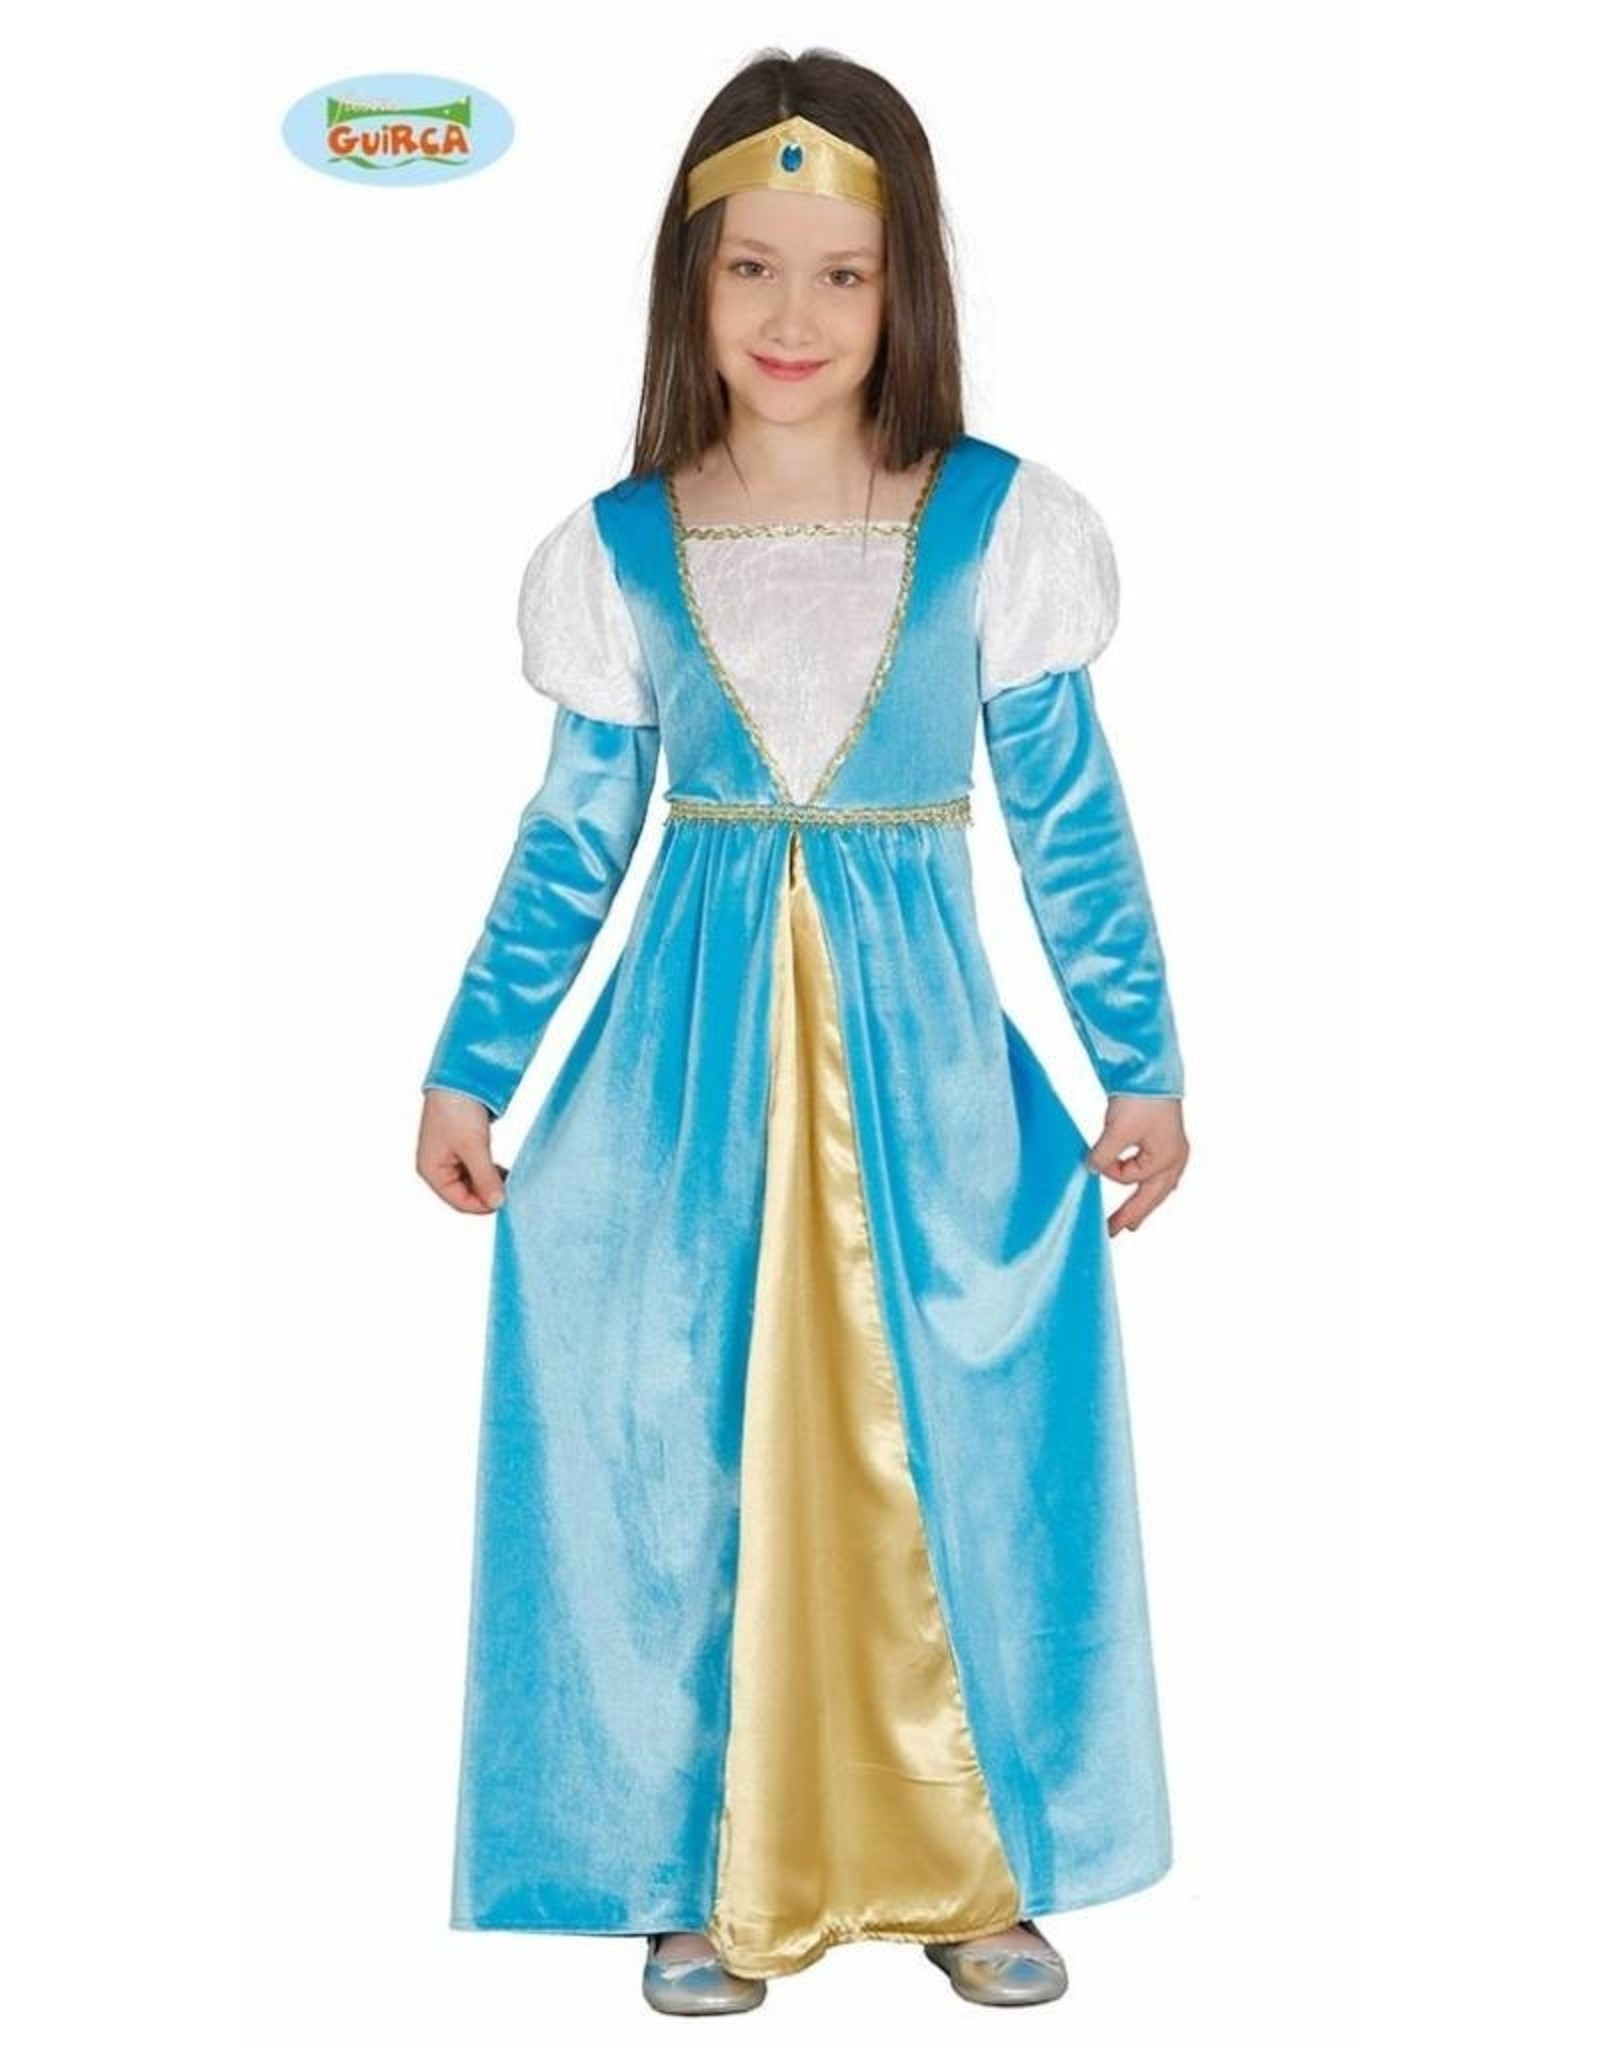 FIESTAS GUIRCA middeleeuwse princes 5 tot 6 jaar